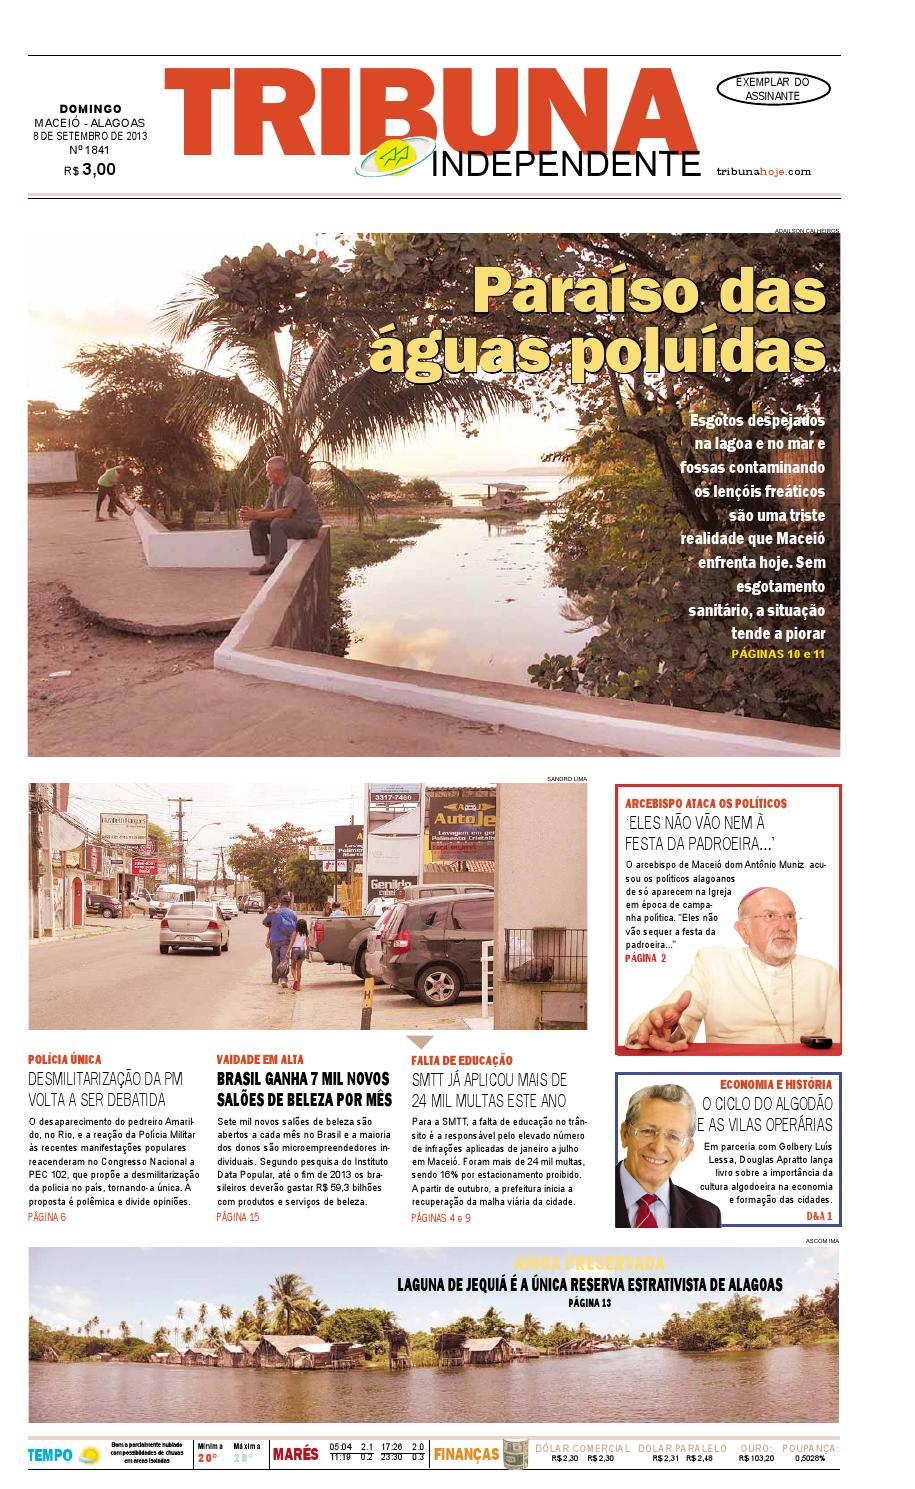 6765db2fe12 Edição número 1841 - 8 de setembro de 2013 by Tribuna Hoje - issuu